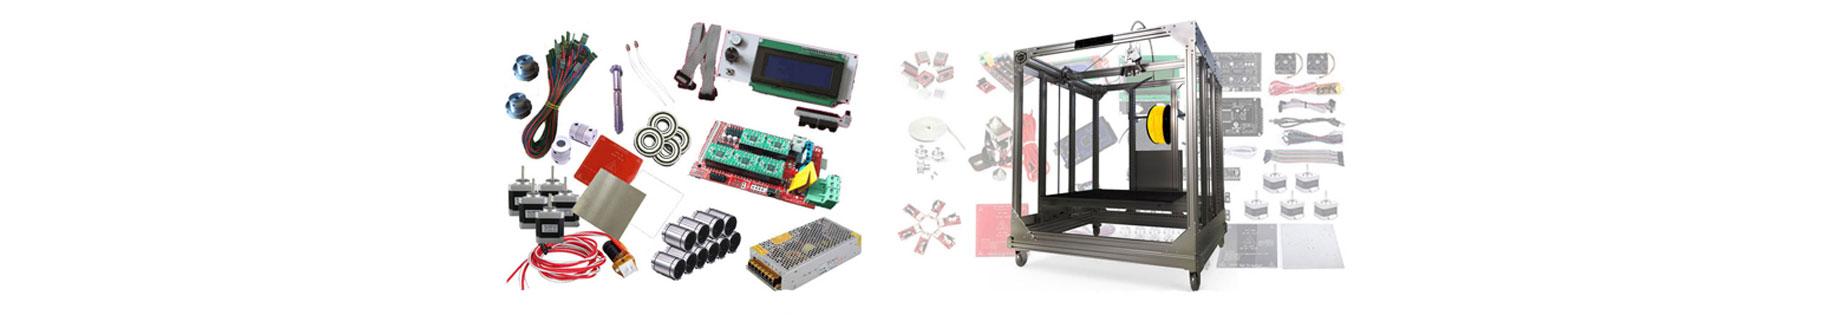 پرینتر های سه بعدی و قطعات وابسته